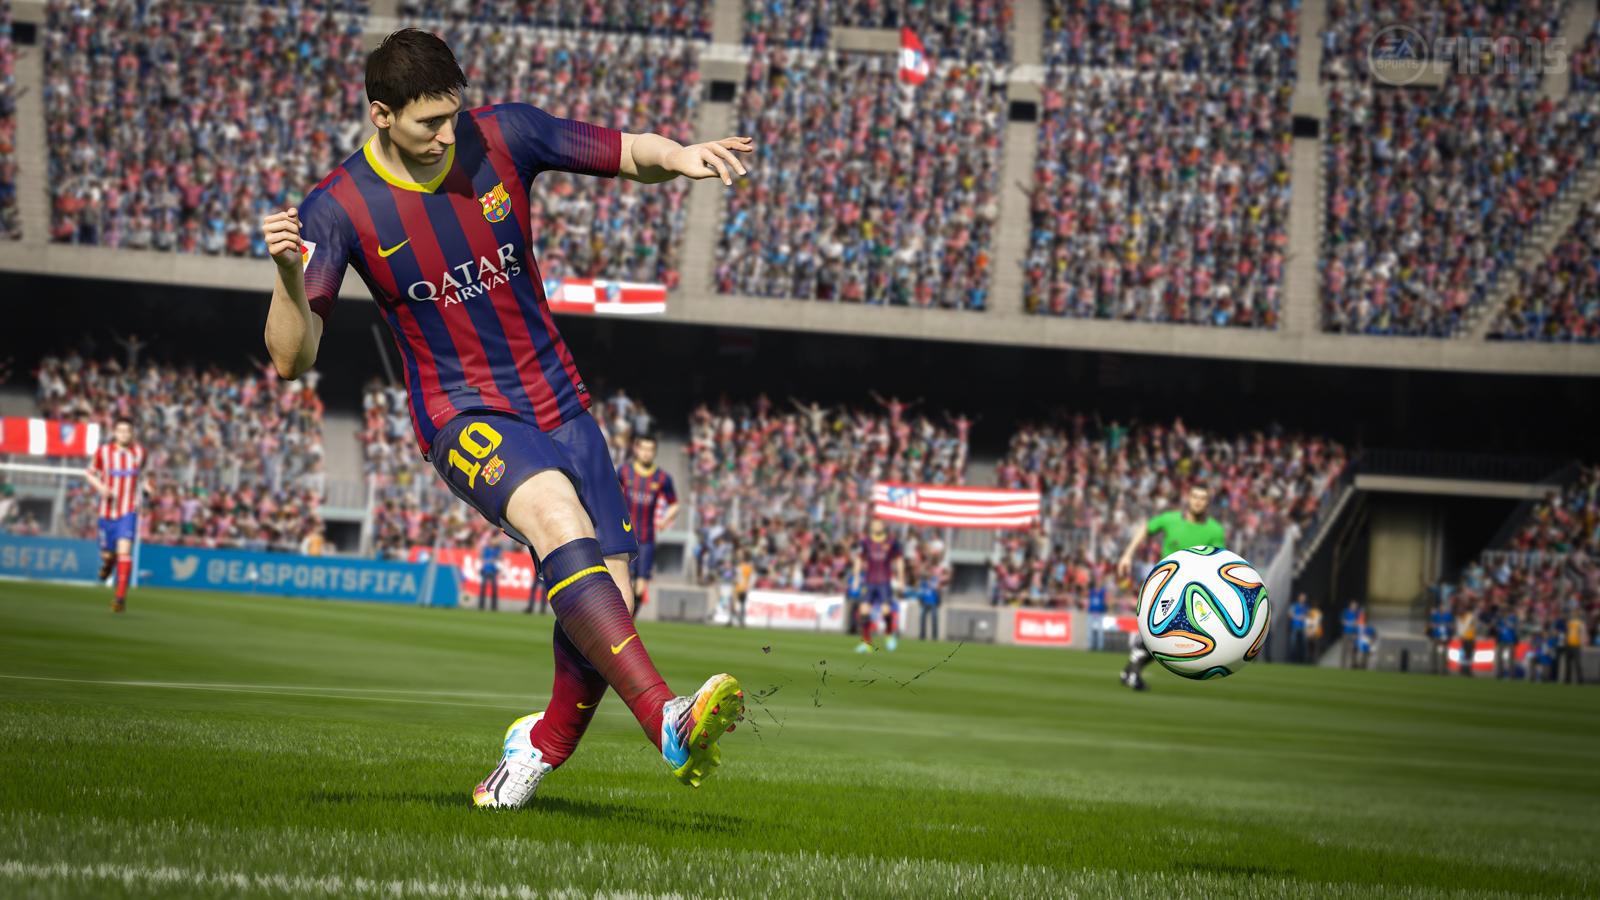 FIFA15图片欣赏 次世代画面值得期待